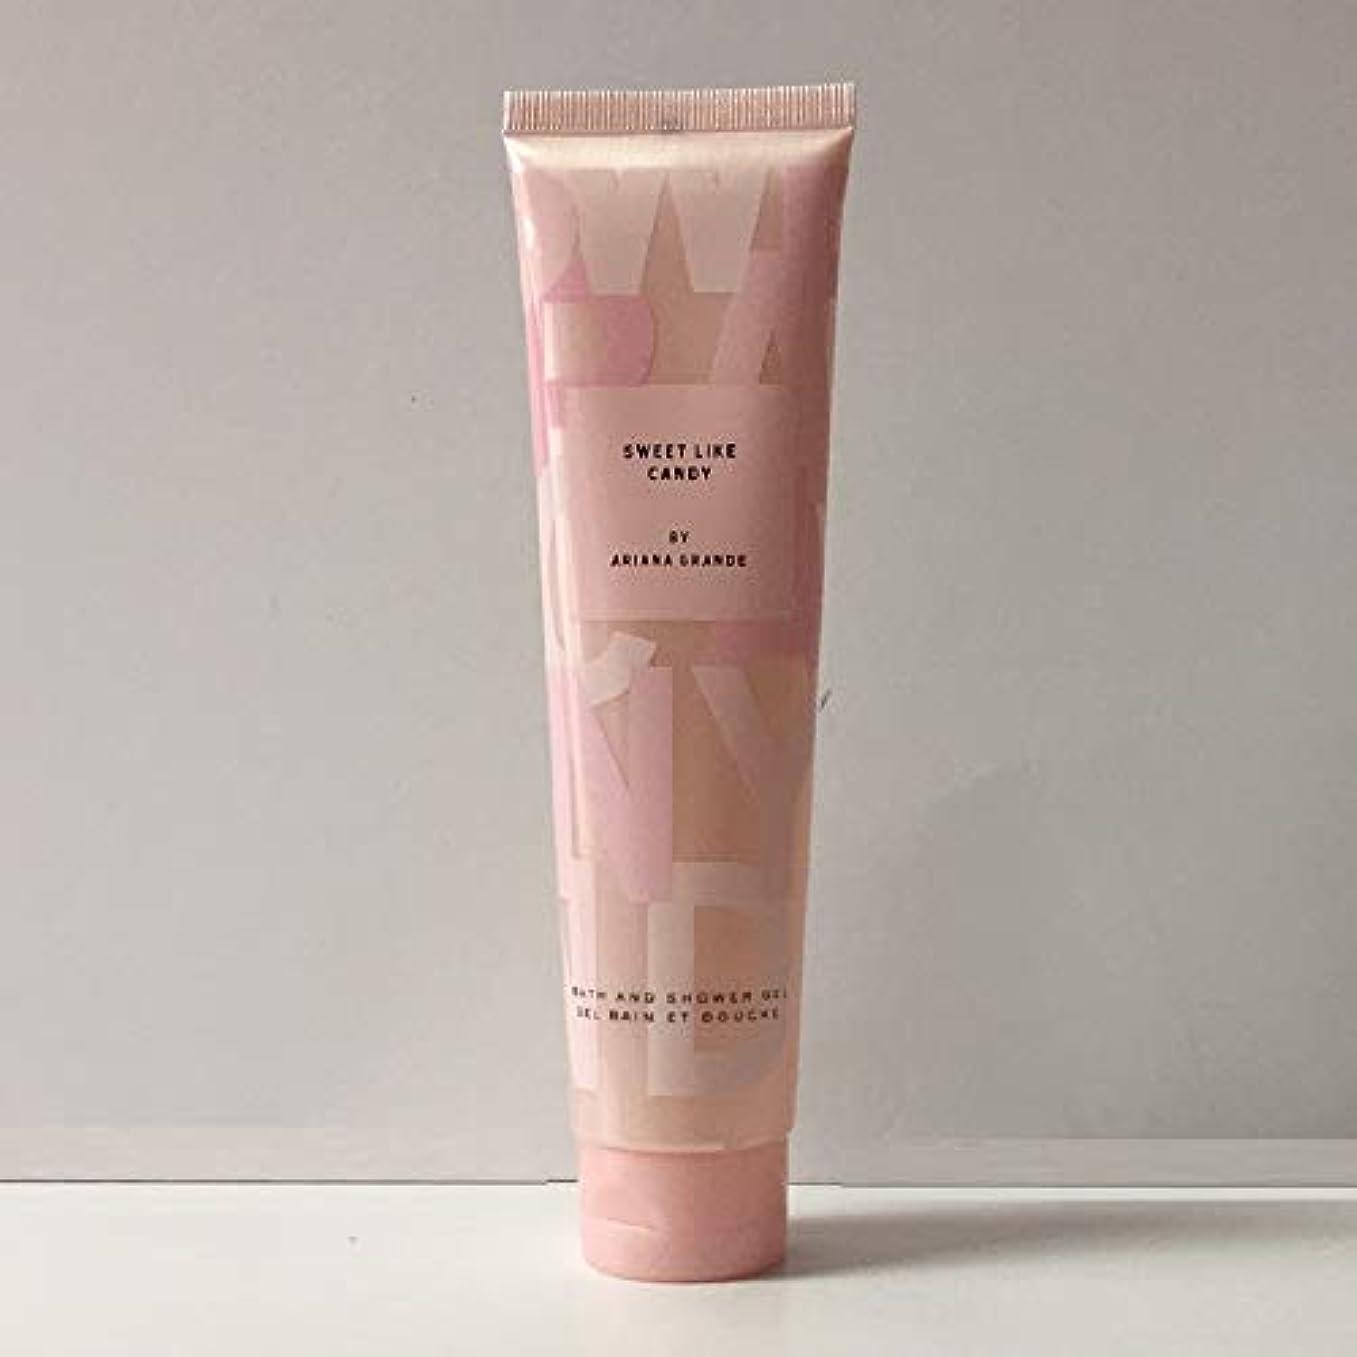 アリアナグランデ シャワージェル Bath&ShowerGel ArianaGrande (2.スイートライクキャンディ/SweetLikeCandy) [並行輸入品]